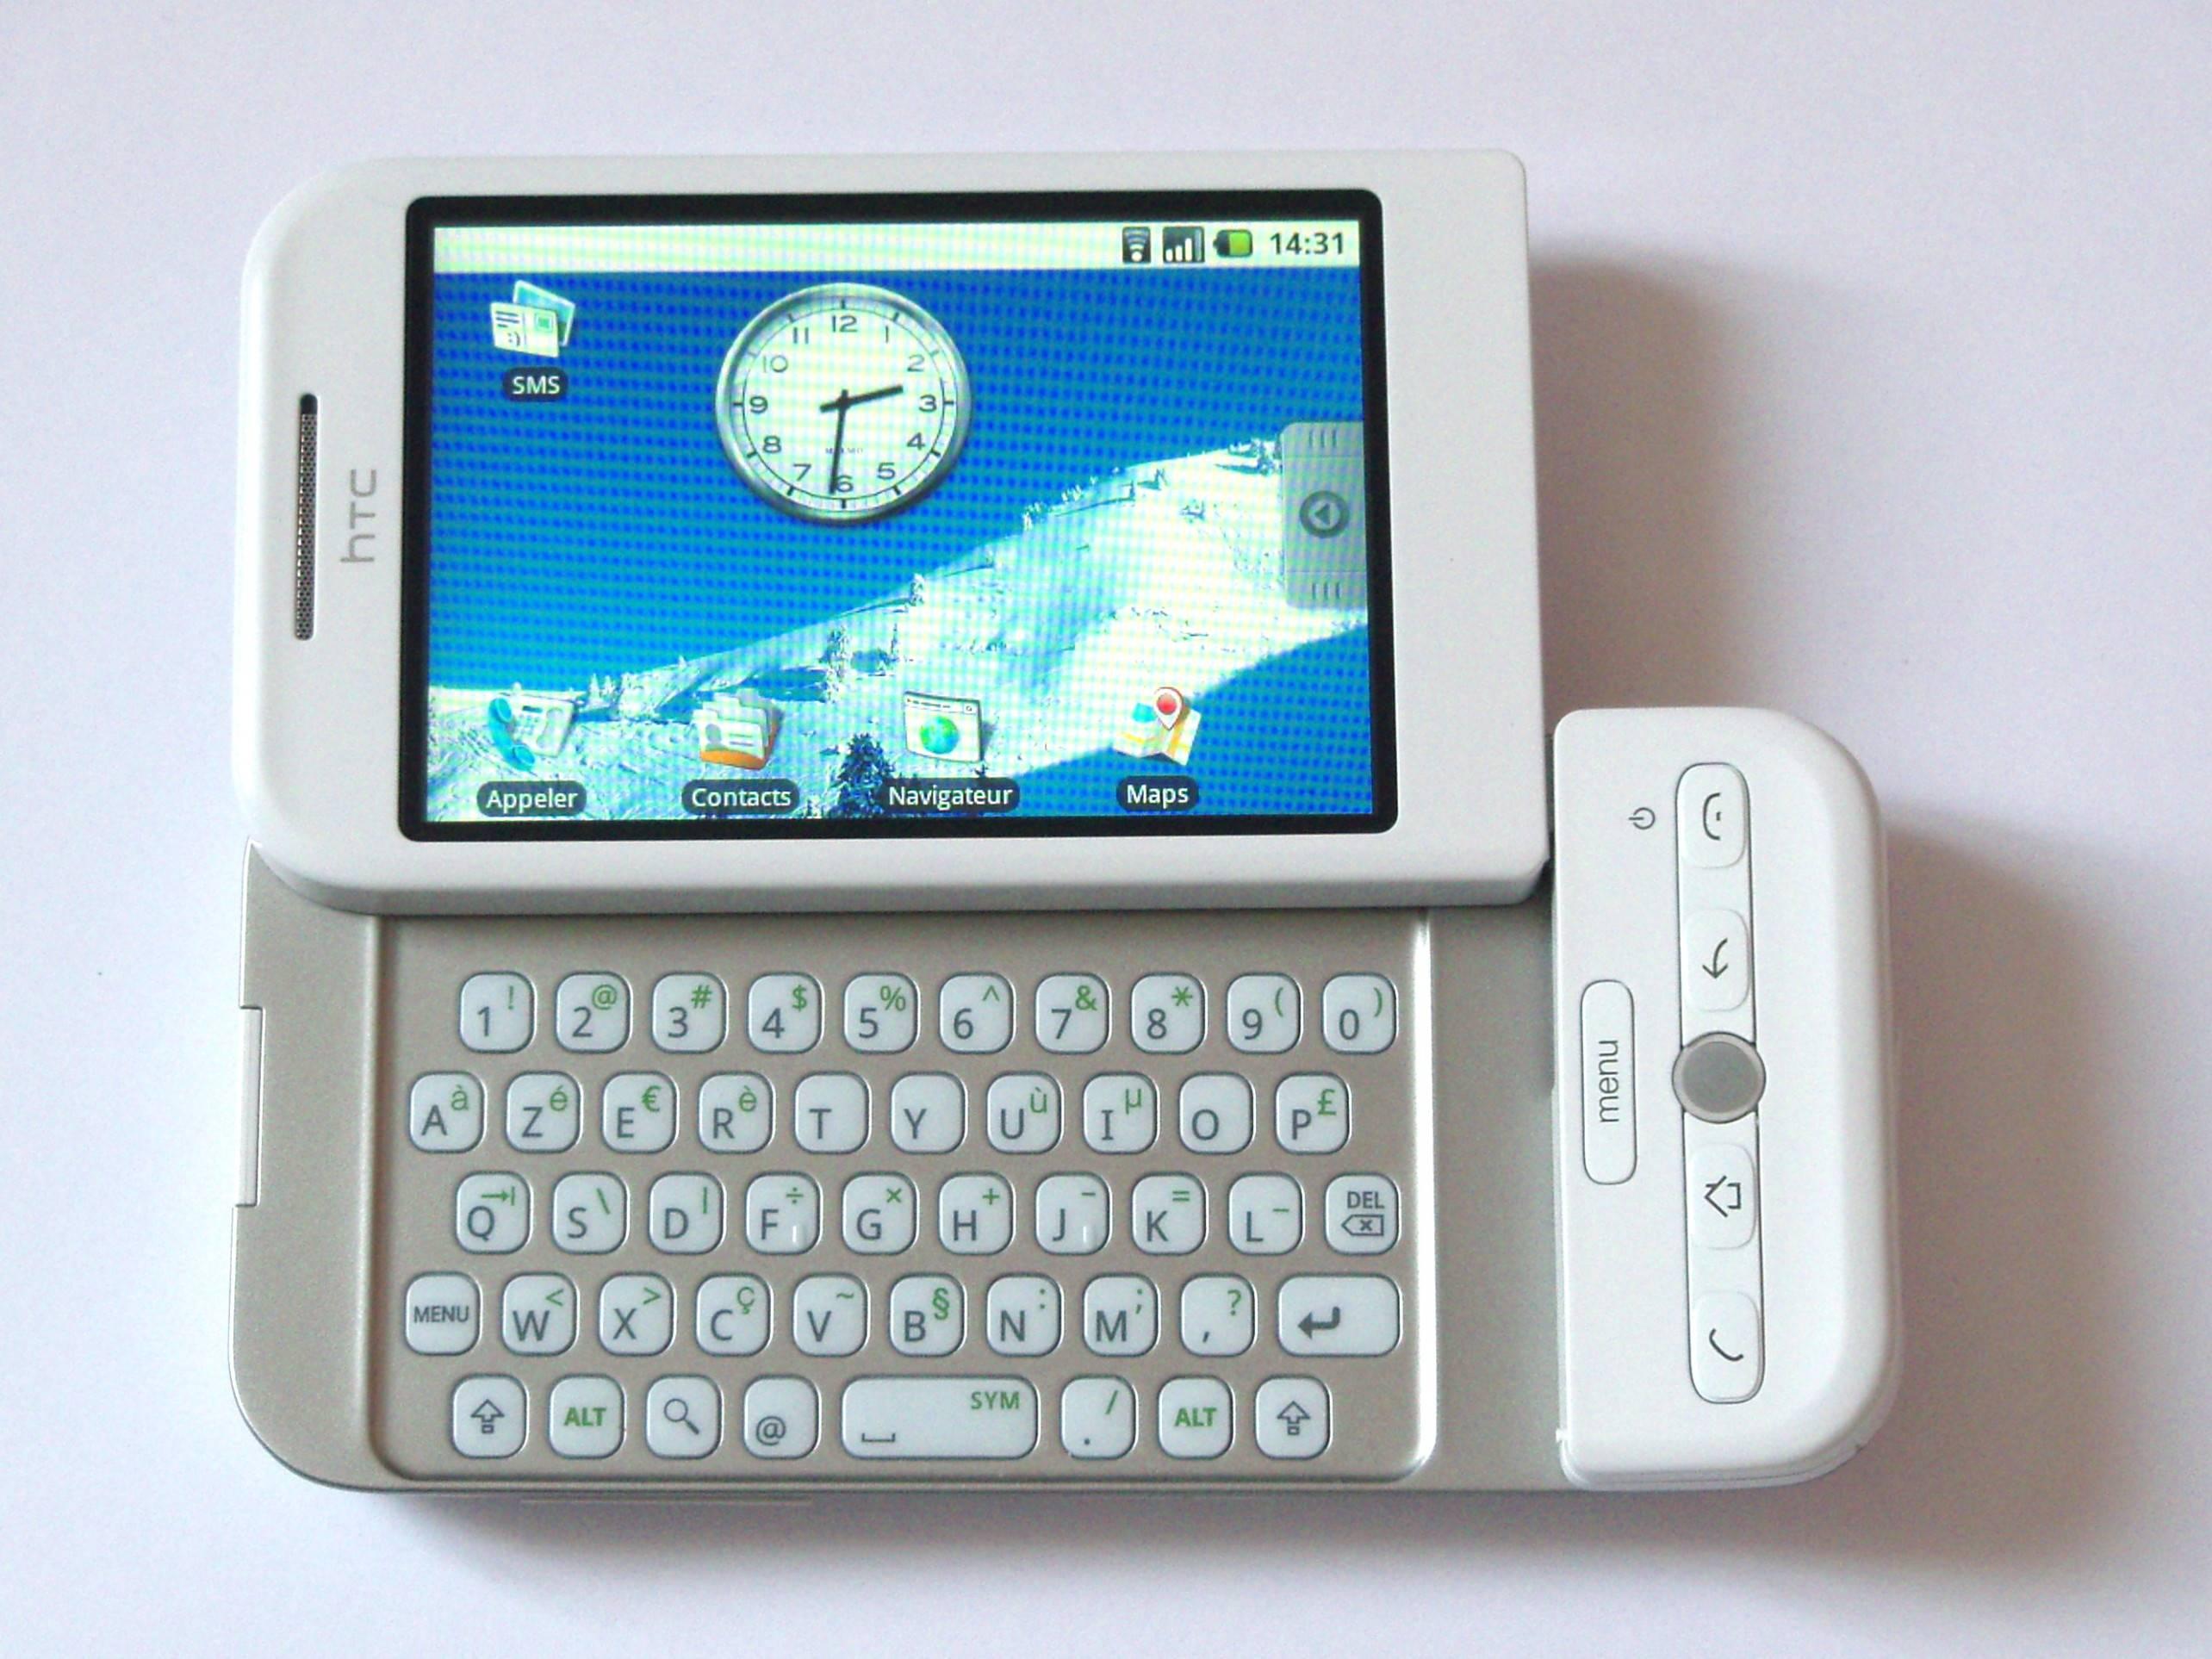 Tela de um telefone celular